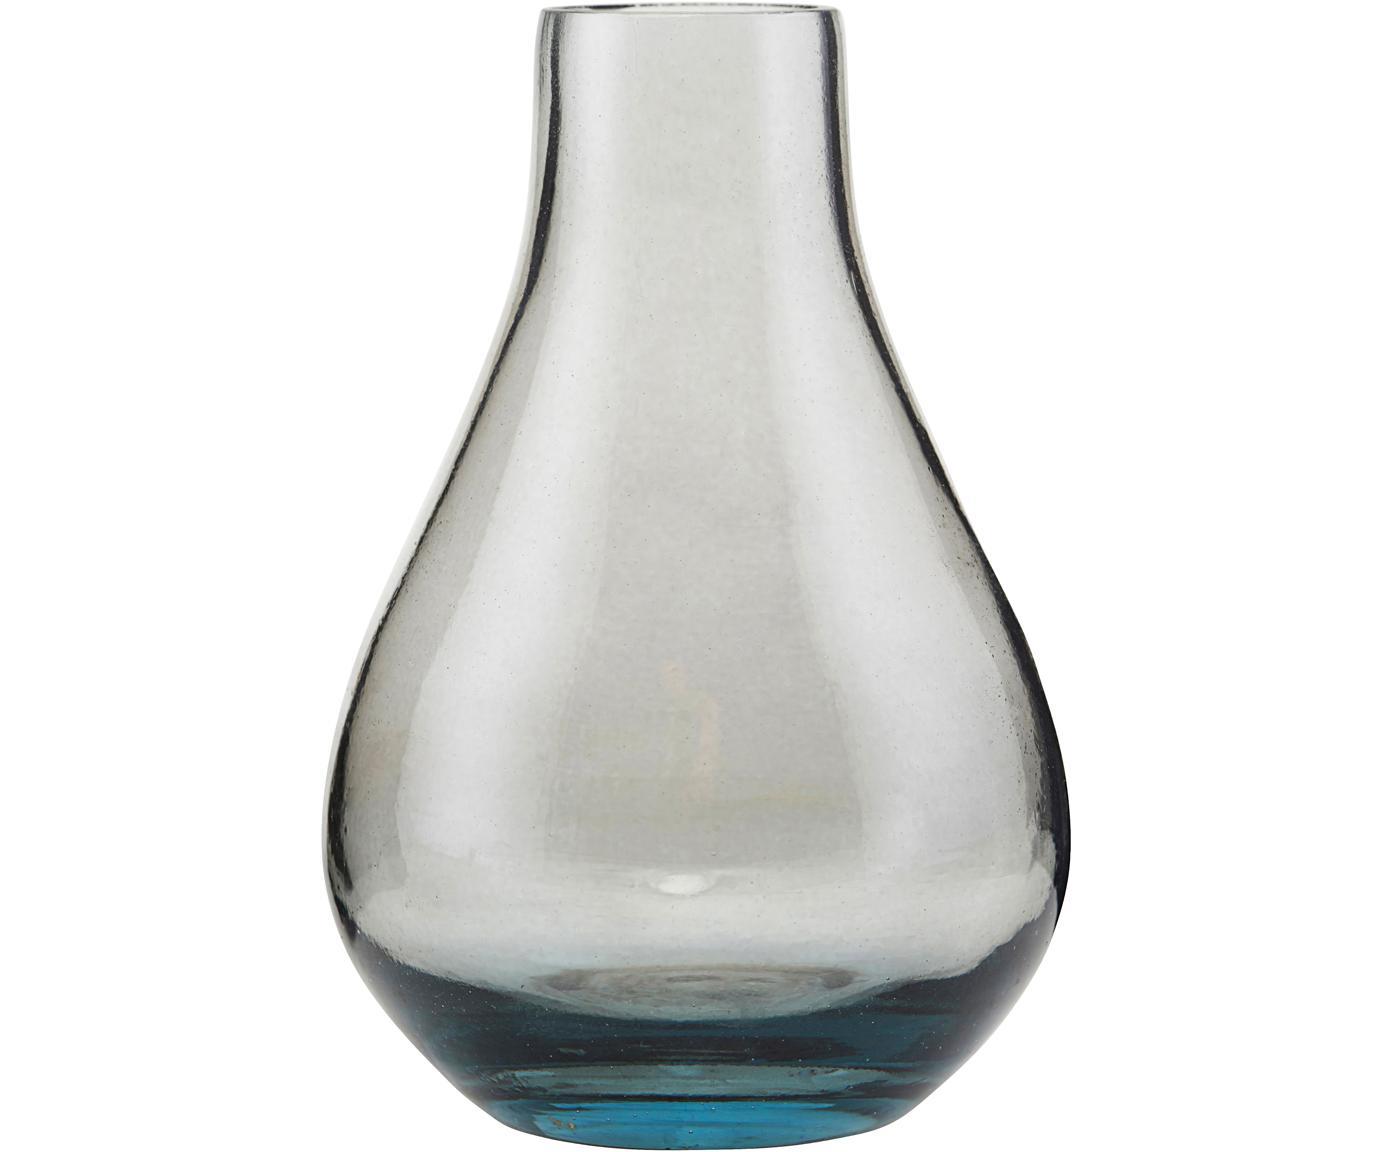 Vaas Sandra, Glas, Grijs, transparant, Ø 7 x H 11 cm